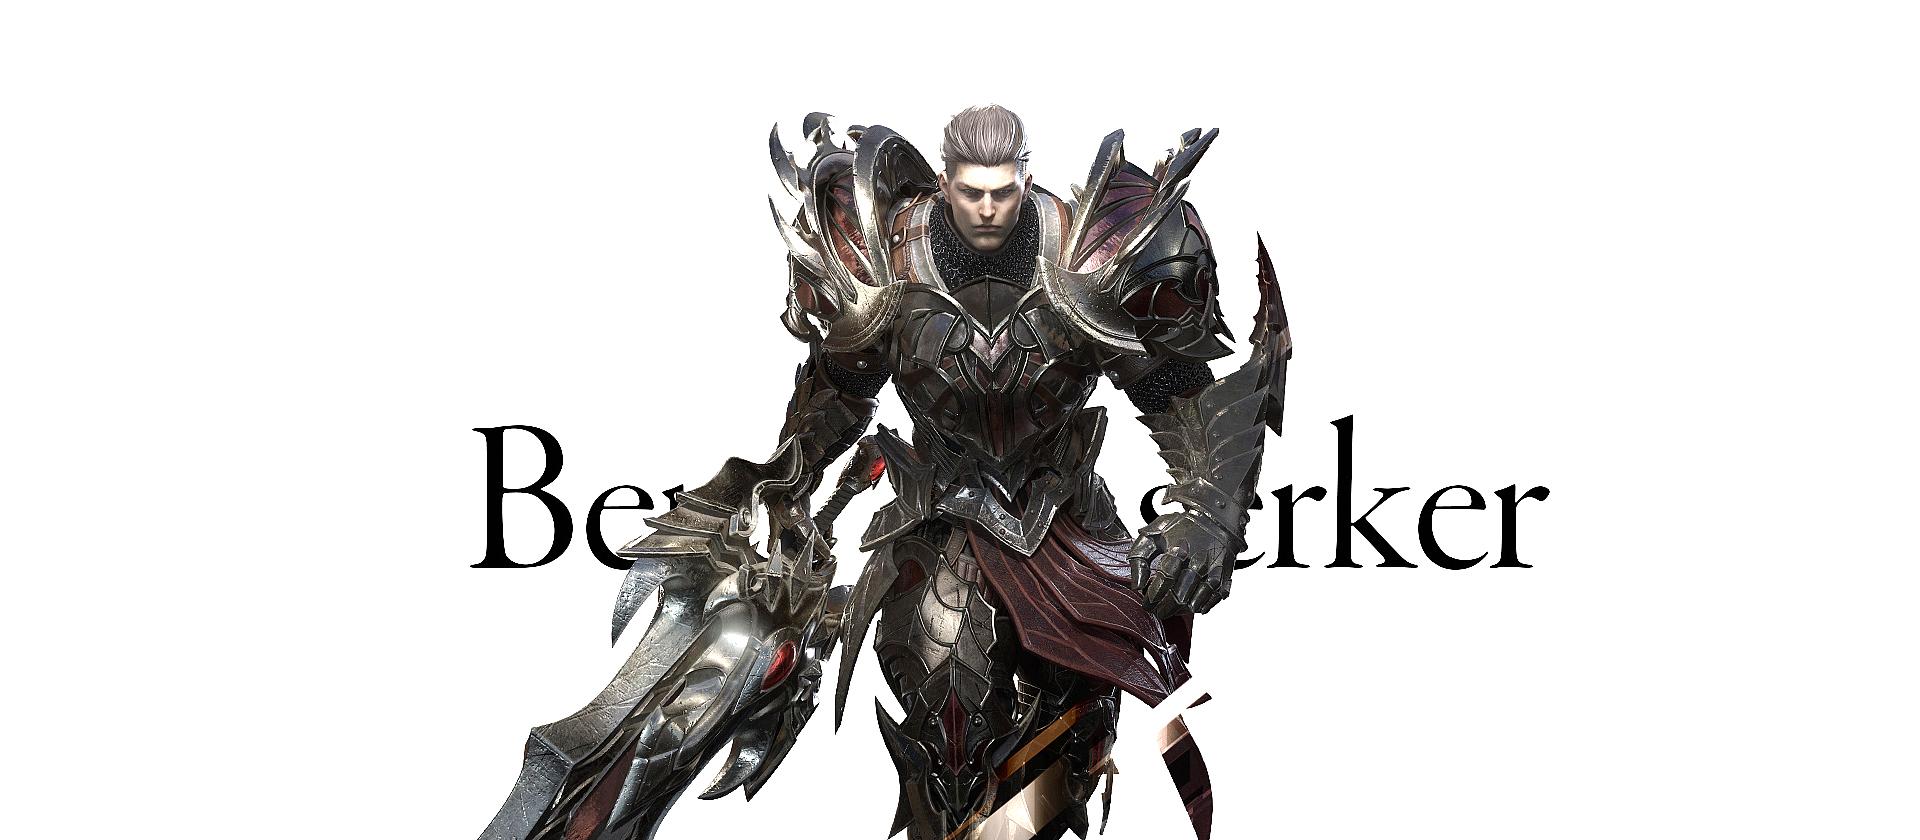 Berserker en Lost Ark Online, una de las tres subclases de Warrior.